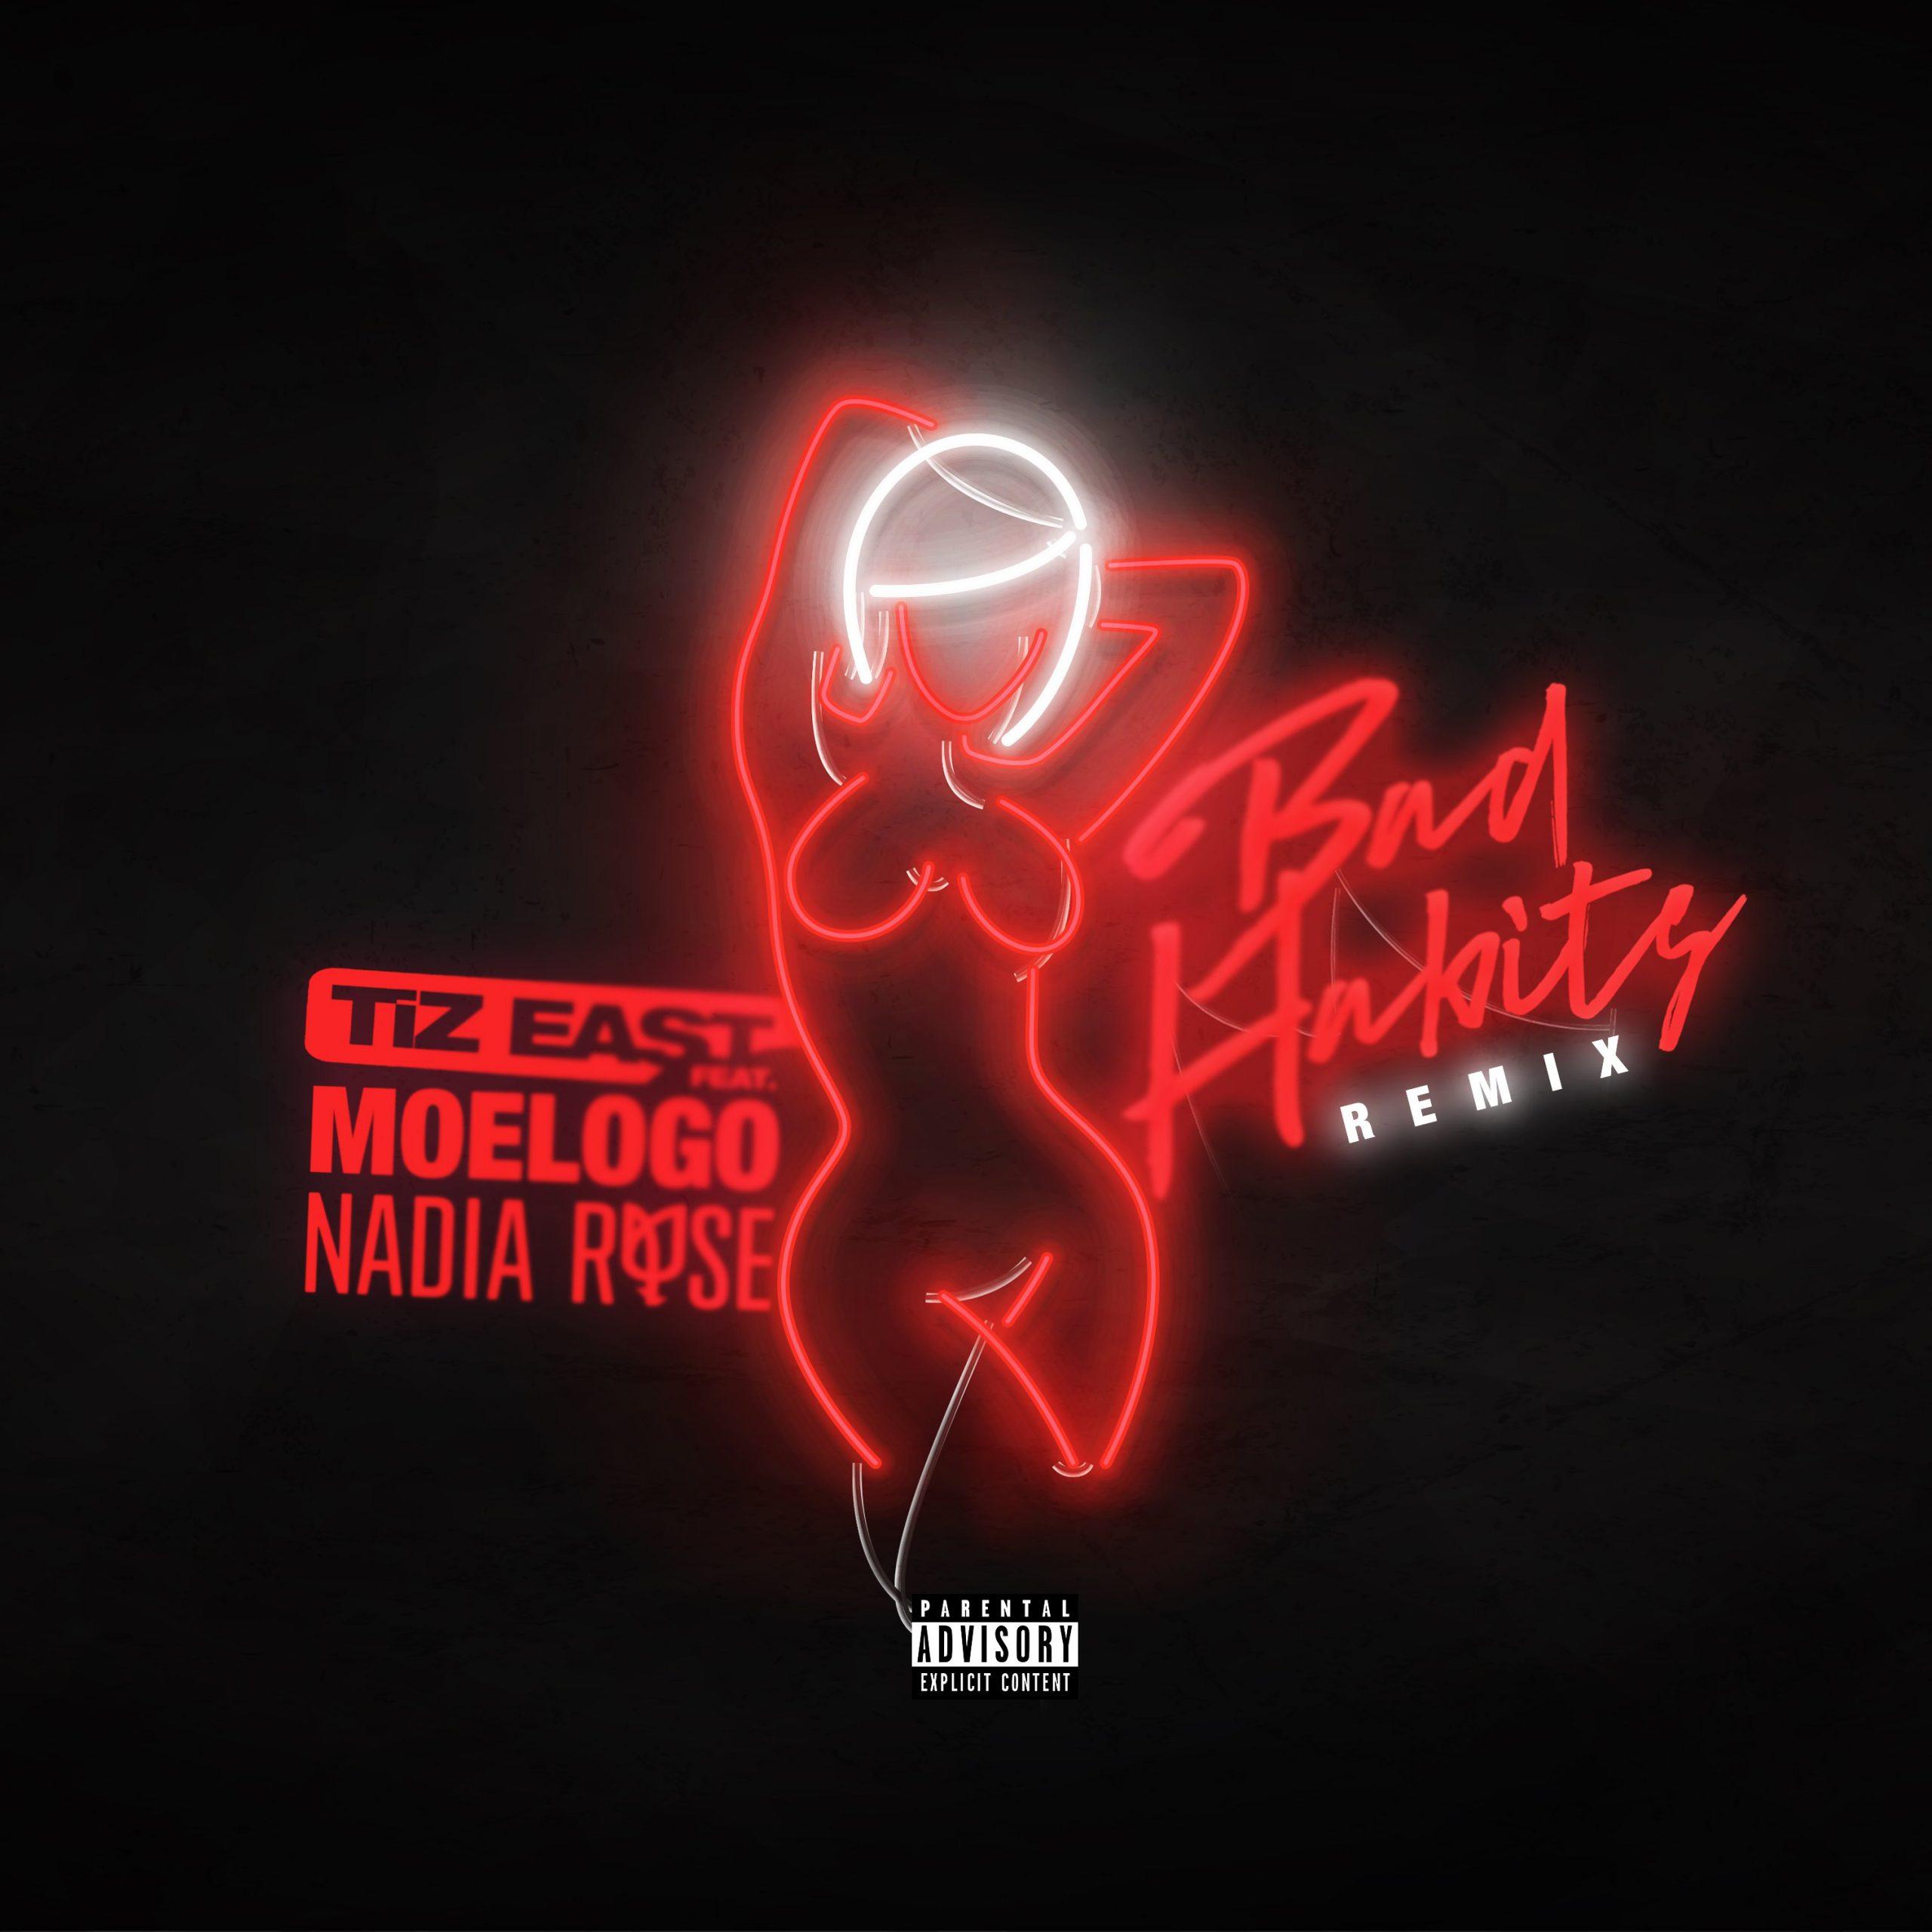 Tiz EAST x Moelogo x Nadia Rose – Bad Habits (Remix)